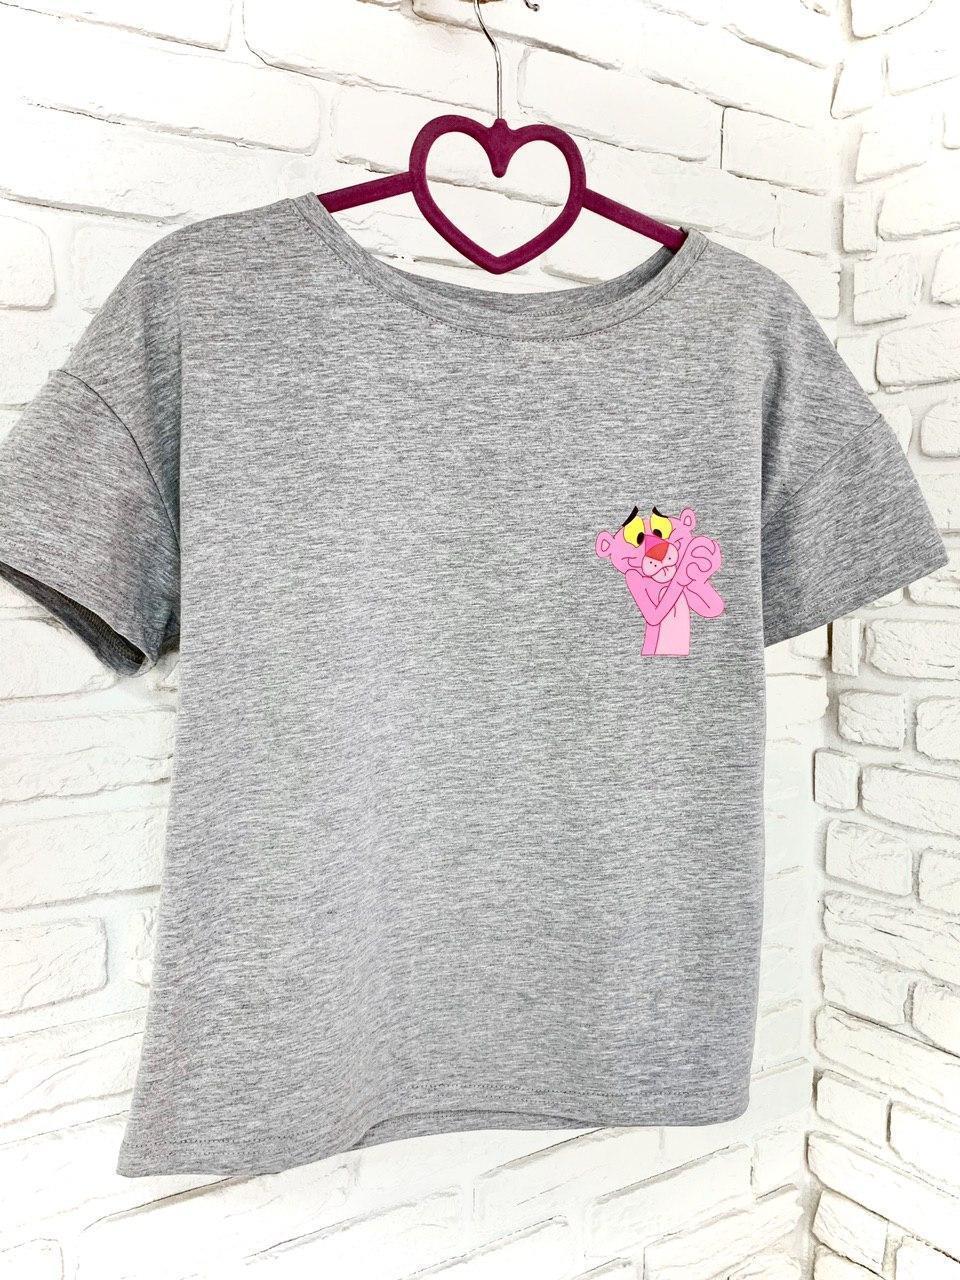 Женская футболка хлопок серая с принтом Pink panther розовая пантера SKL59-259664